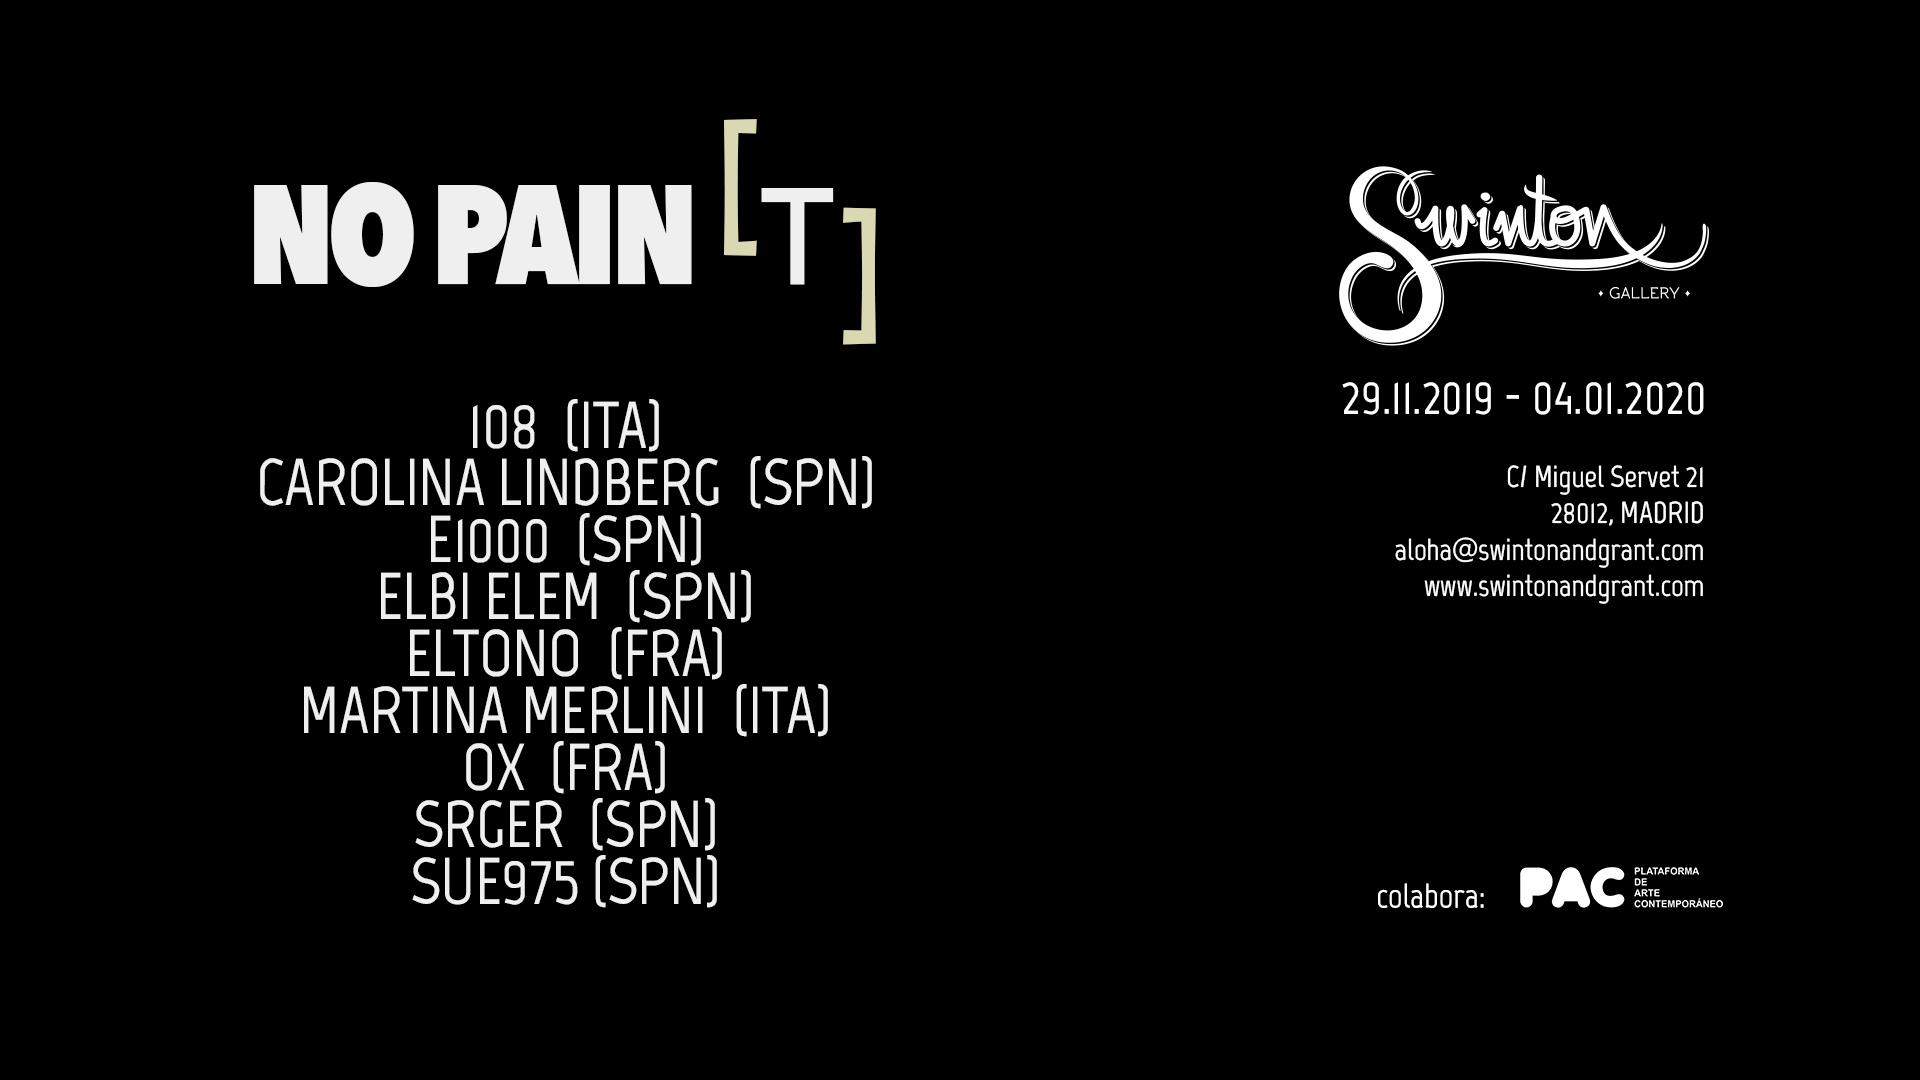 promo-NO-PAINT